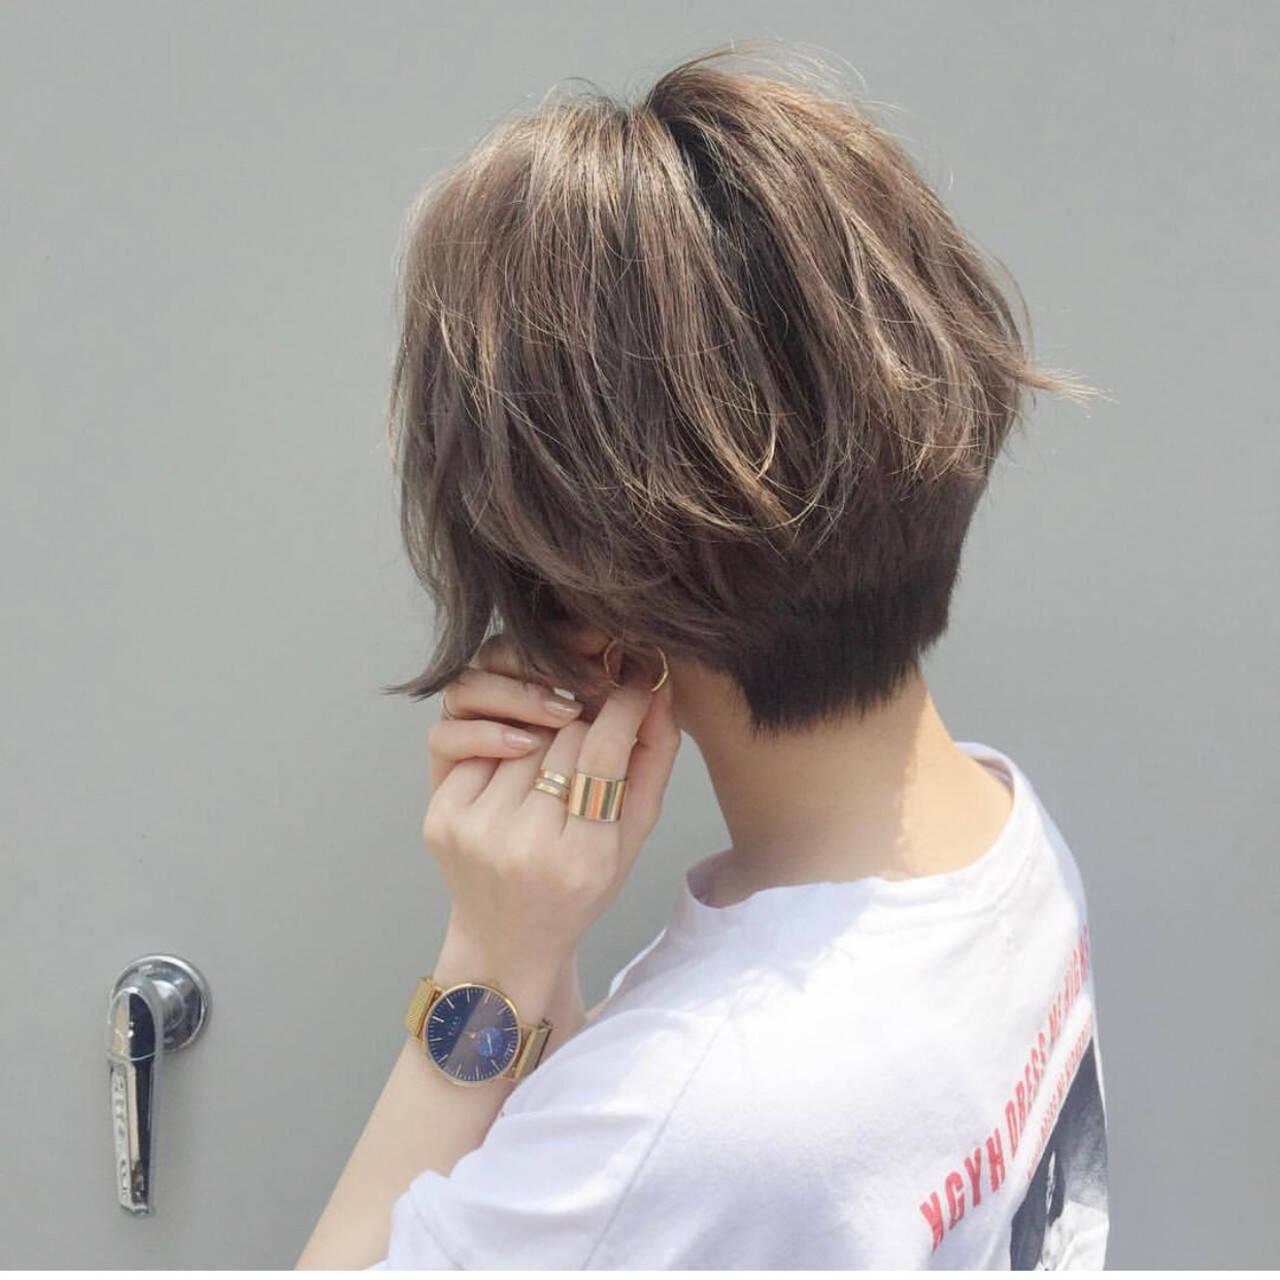 ベリーショート ショートヘア ハイトーンカラー ナチュラルヘアスタイルや髪型の写真・画像